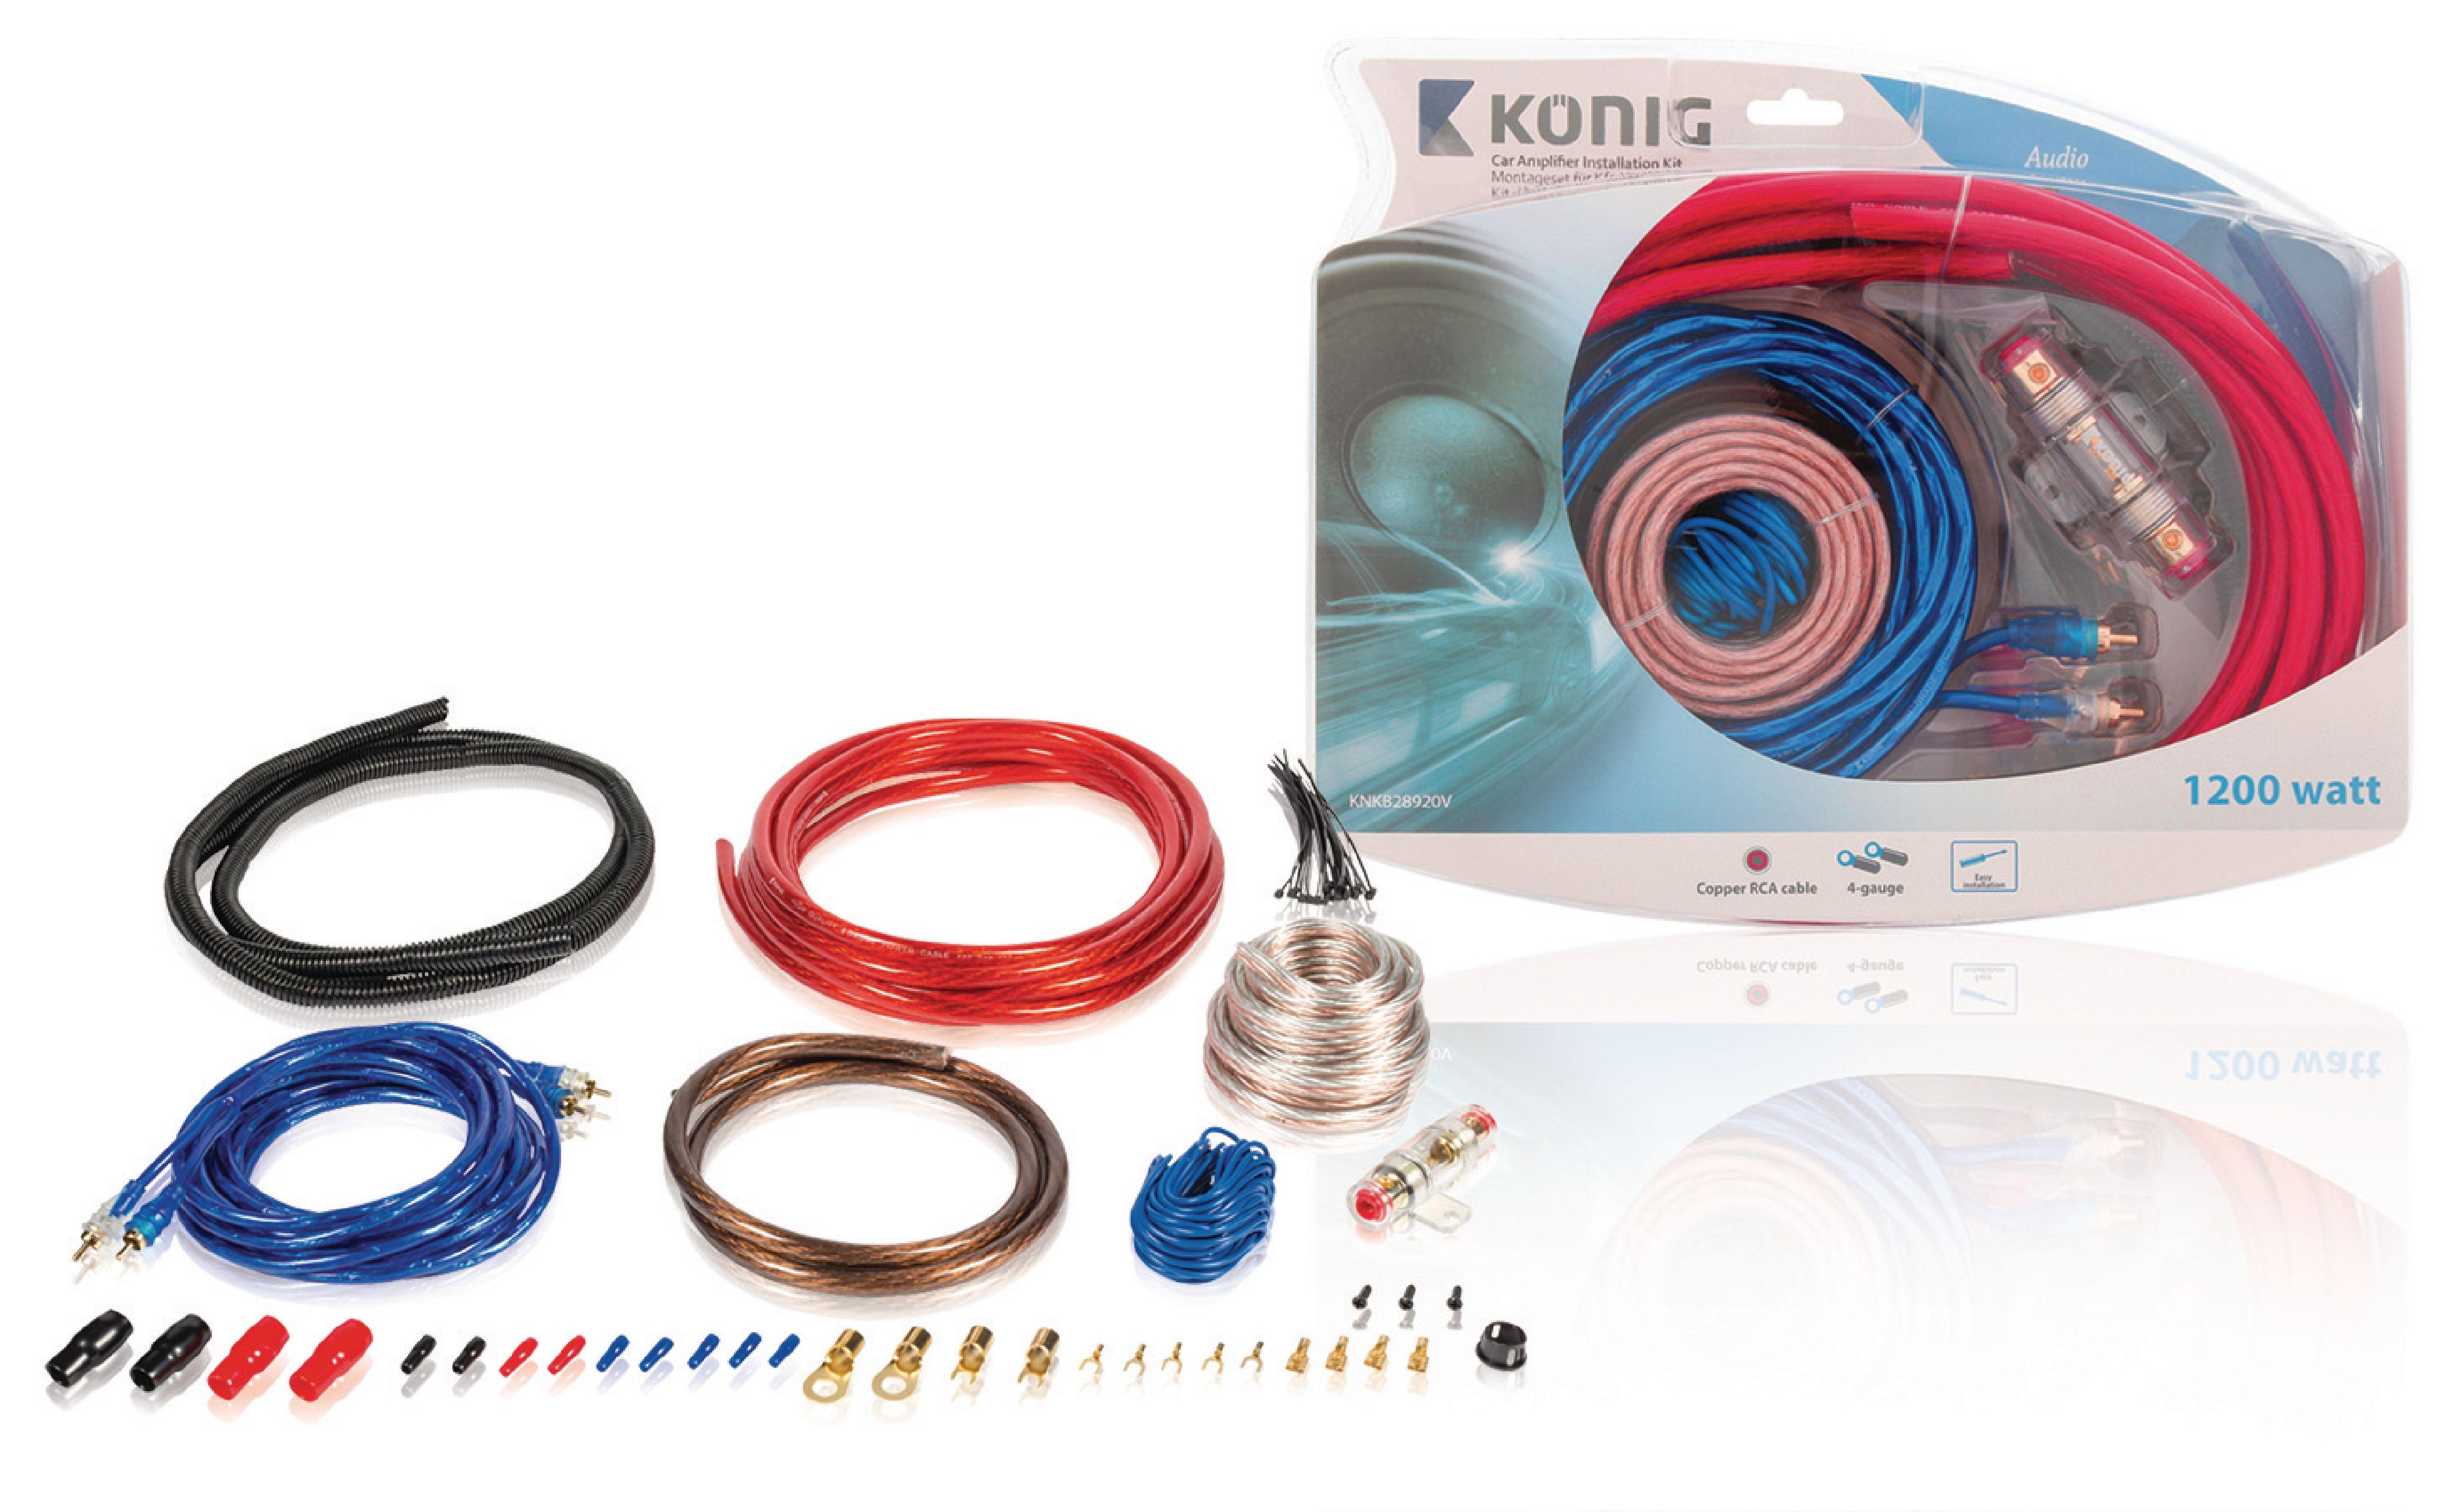 Propojovací audio sada do automobilu 1200 W König KNKB28920V